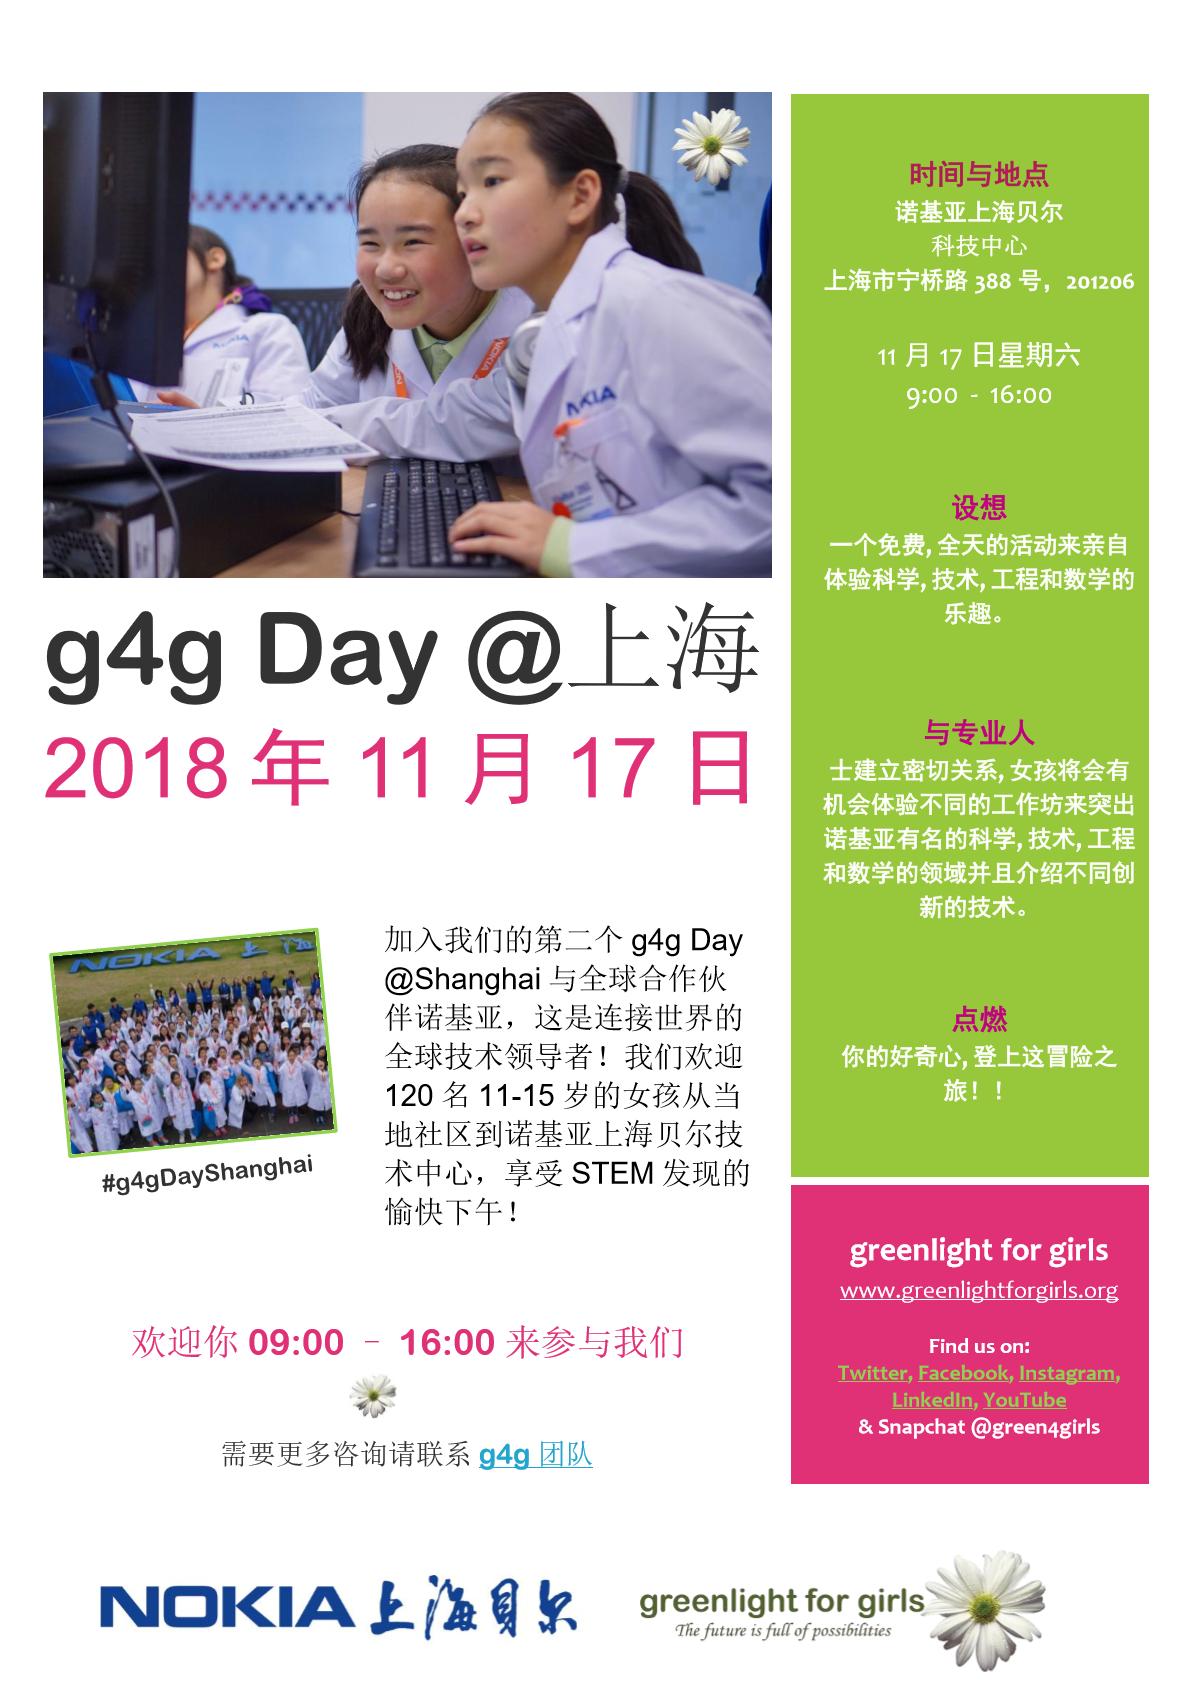 g4g Day Shanghai 2018_Info Flyer_Mandarin.jpg